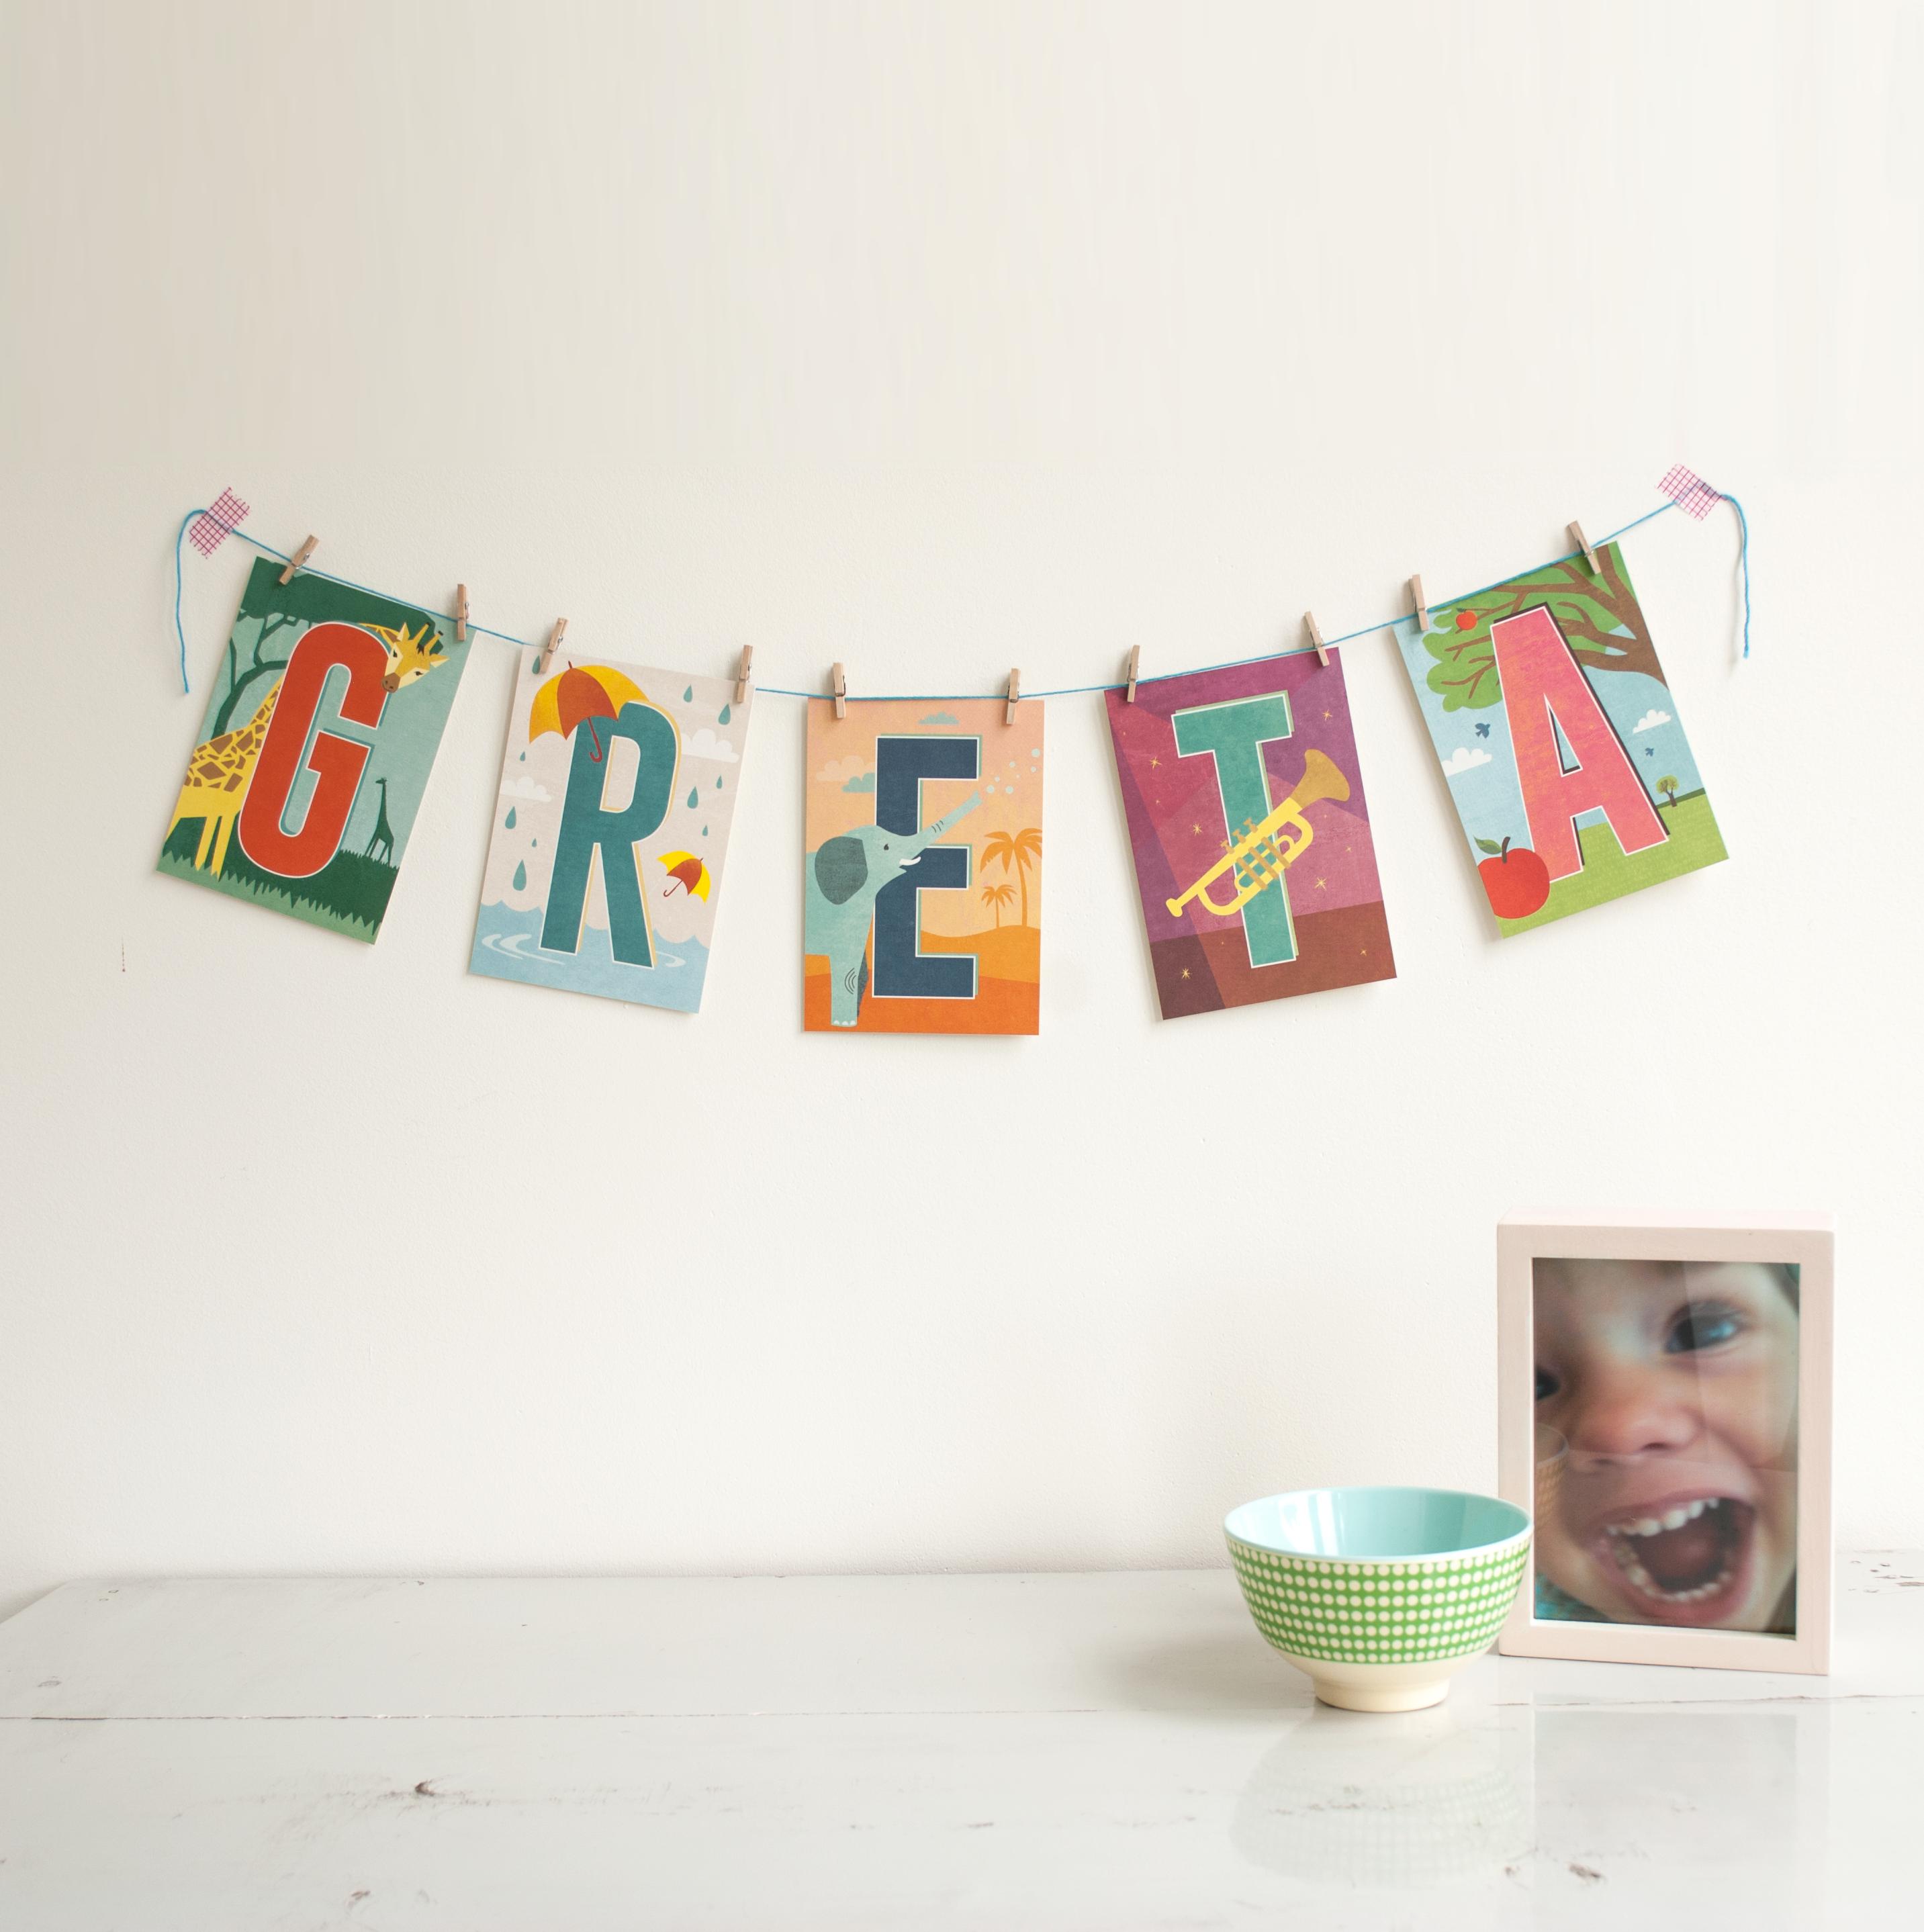 Buchstaben-Postkarten